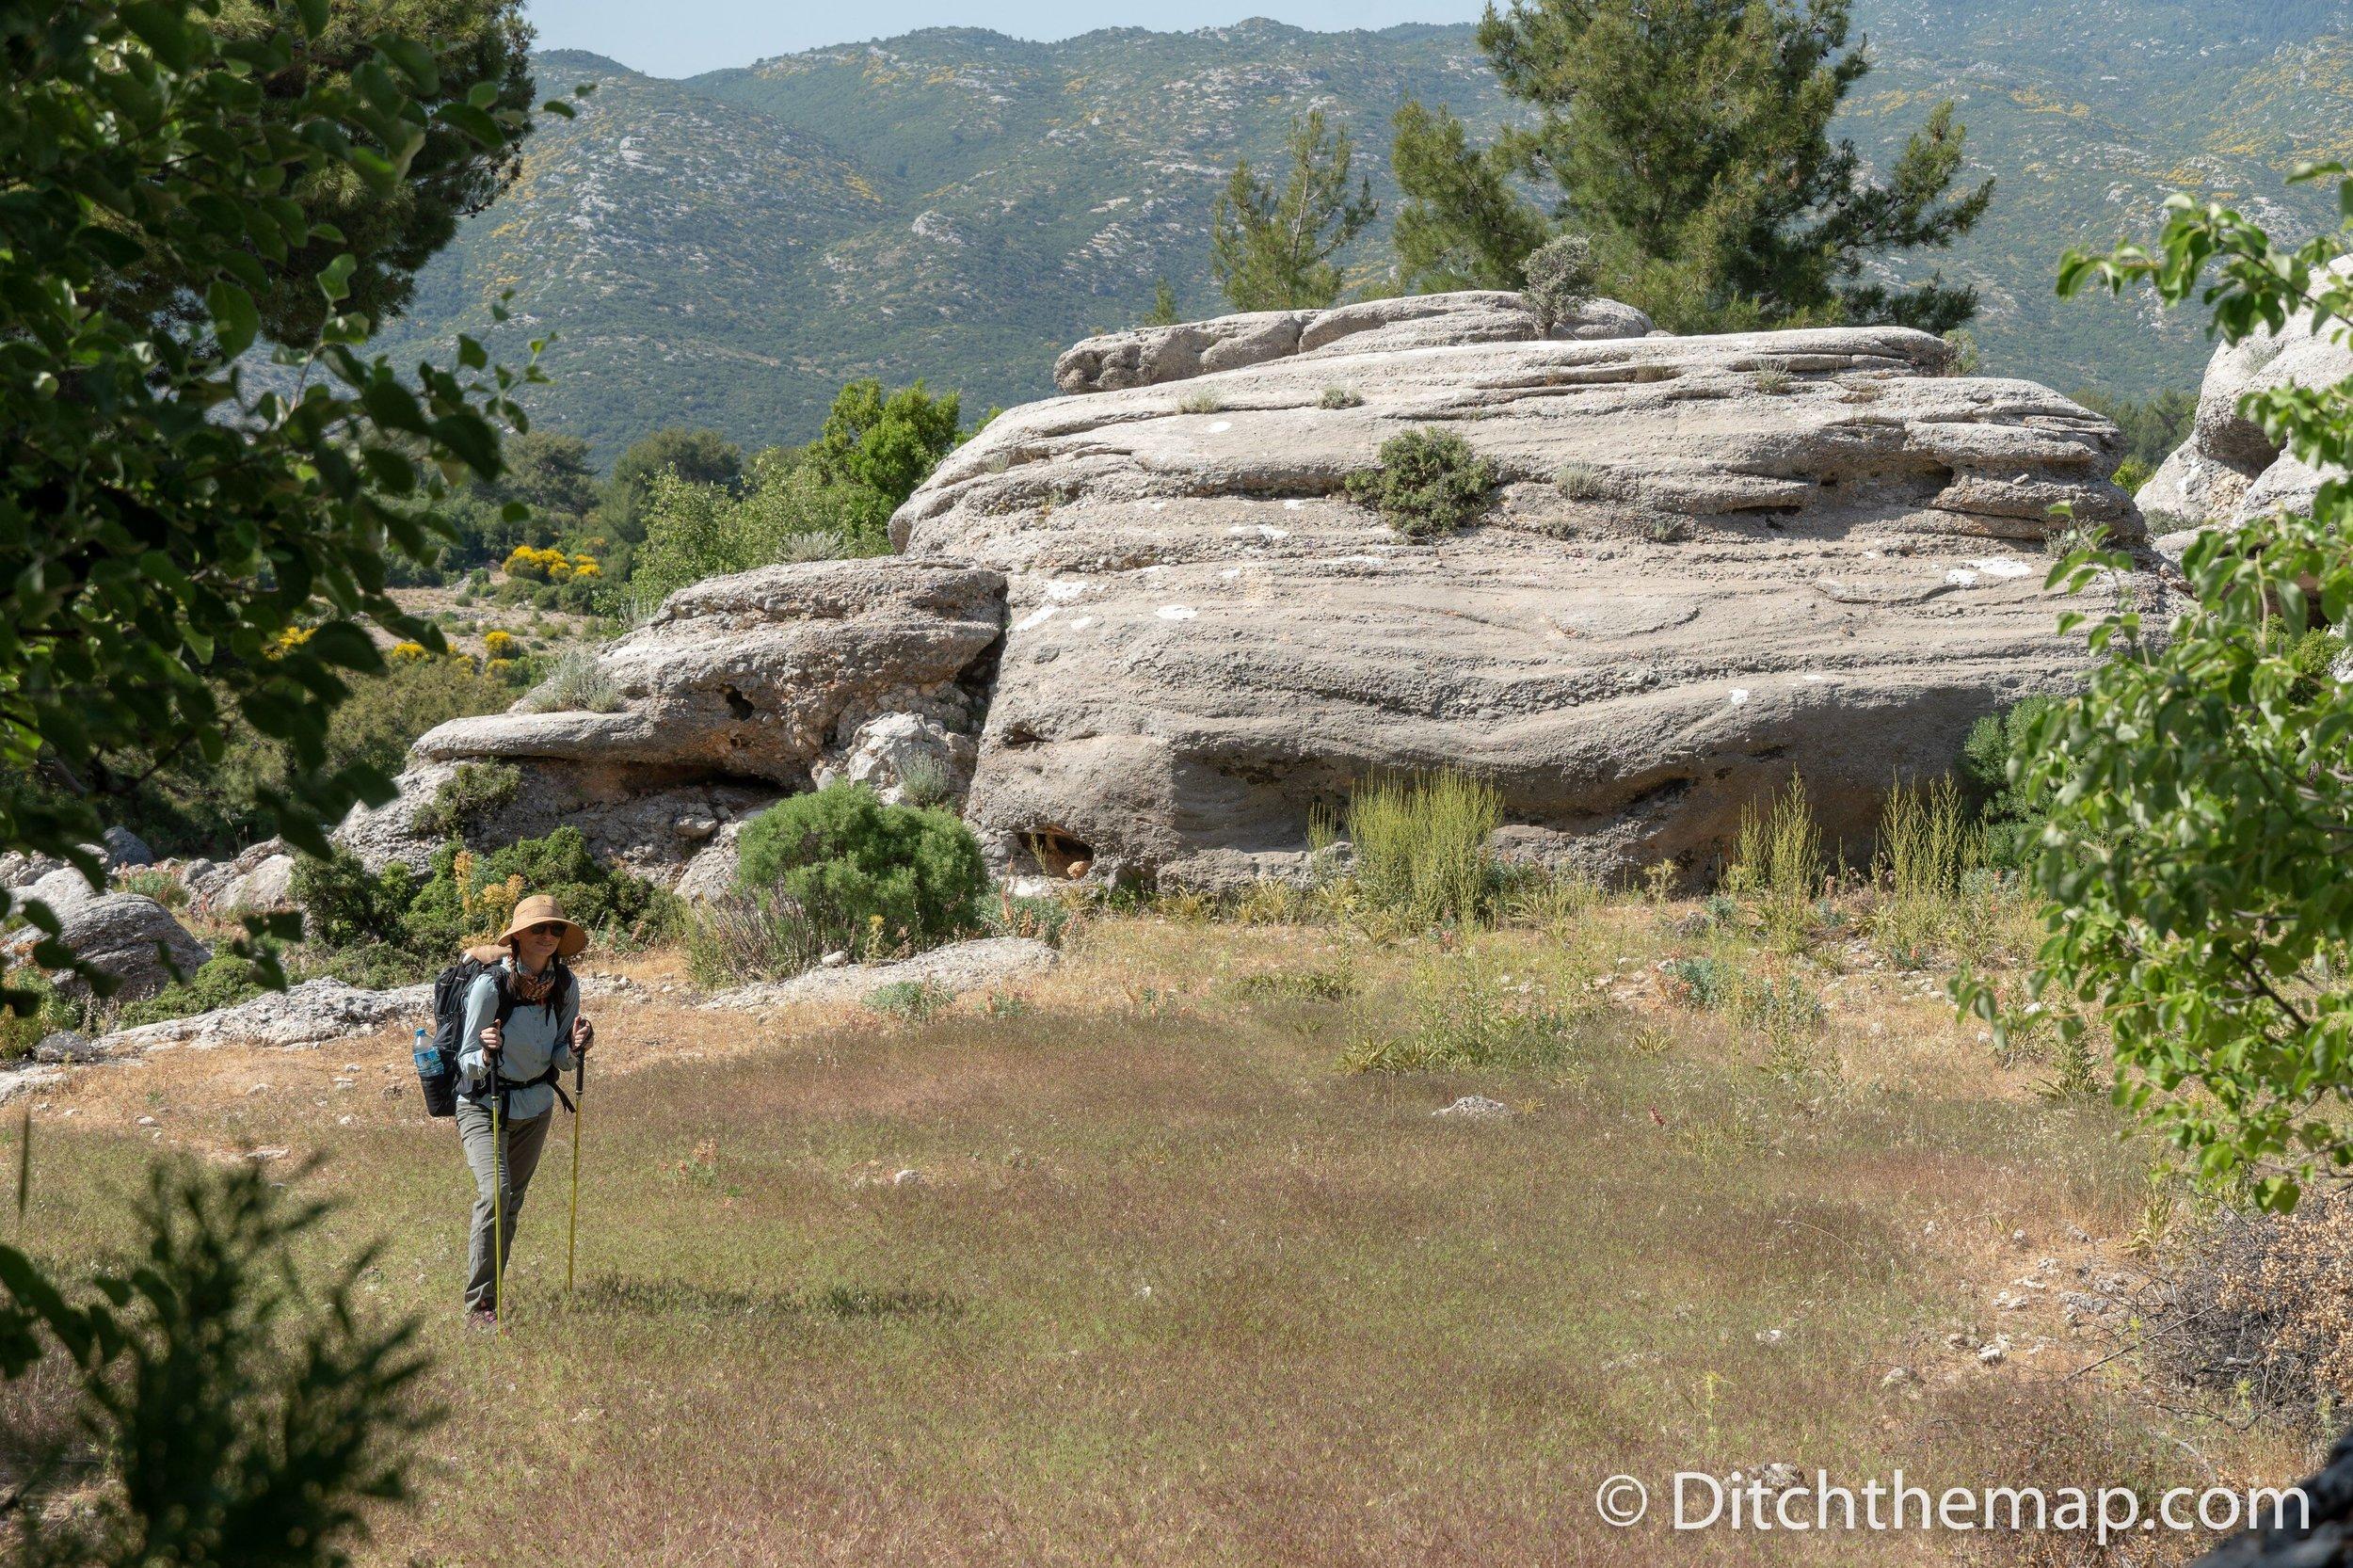 Windswept rocks on the Lycian Way between Saribelen and Gokceoren